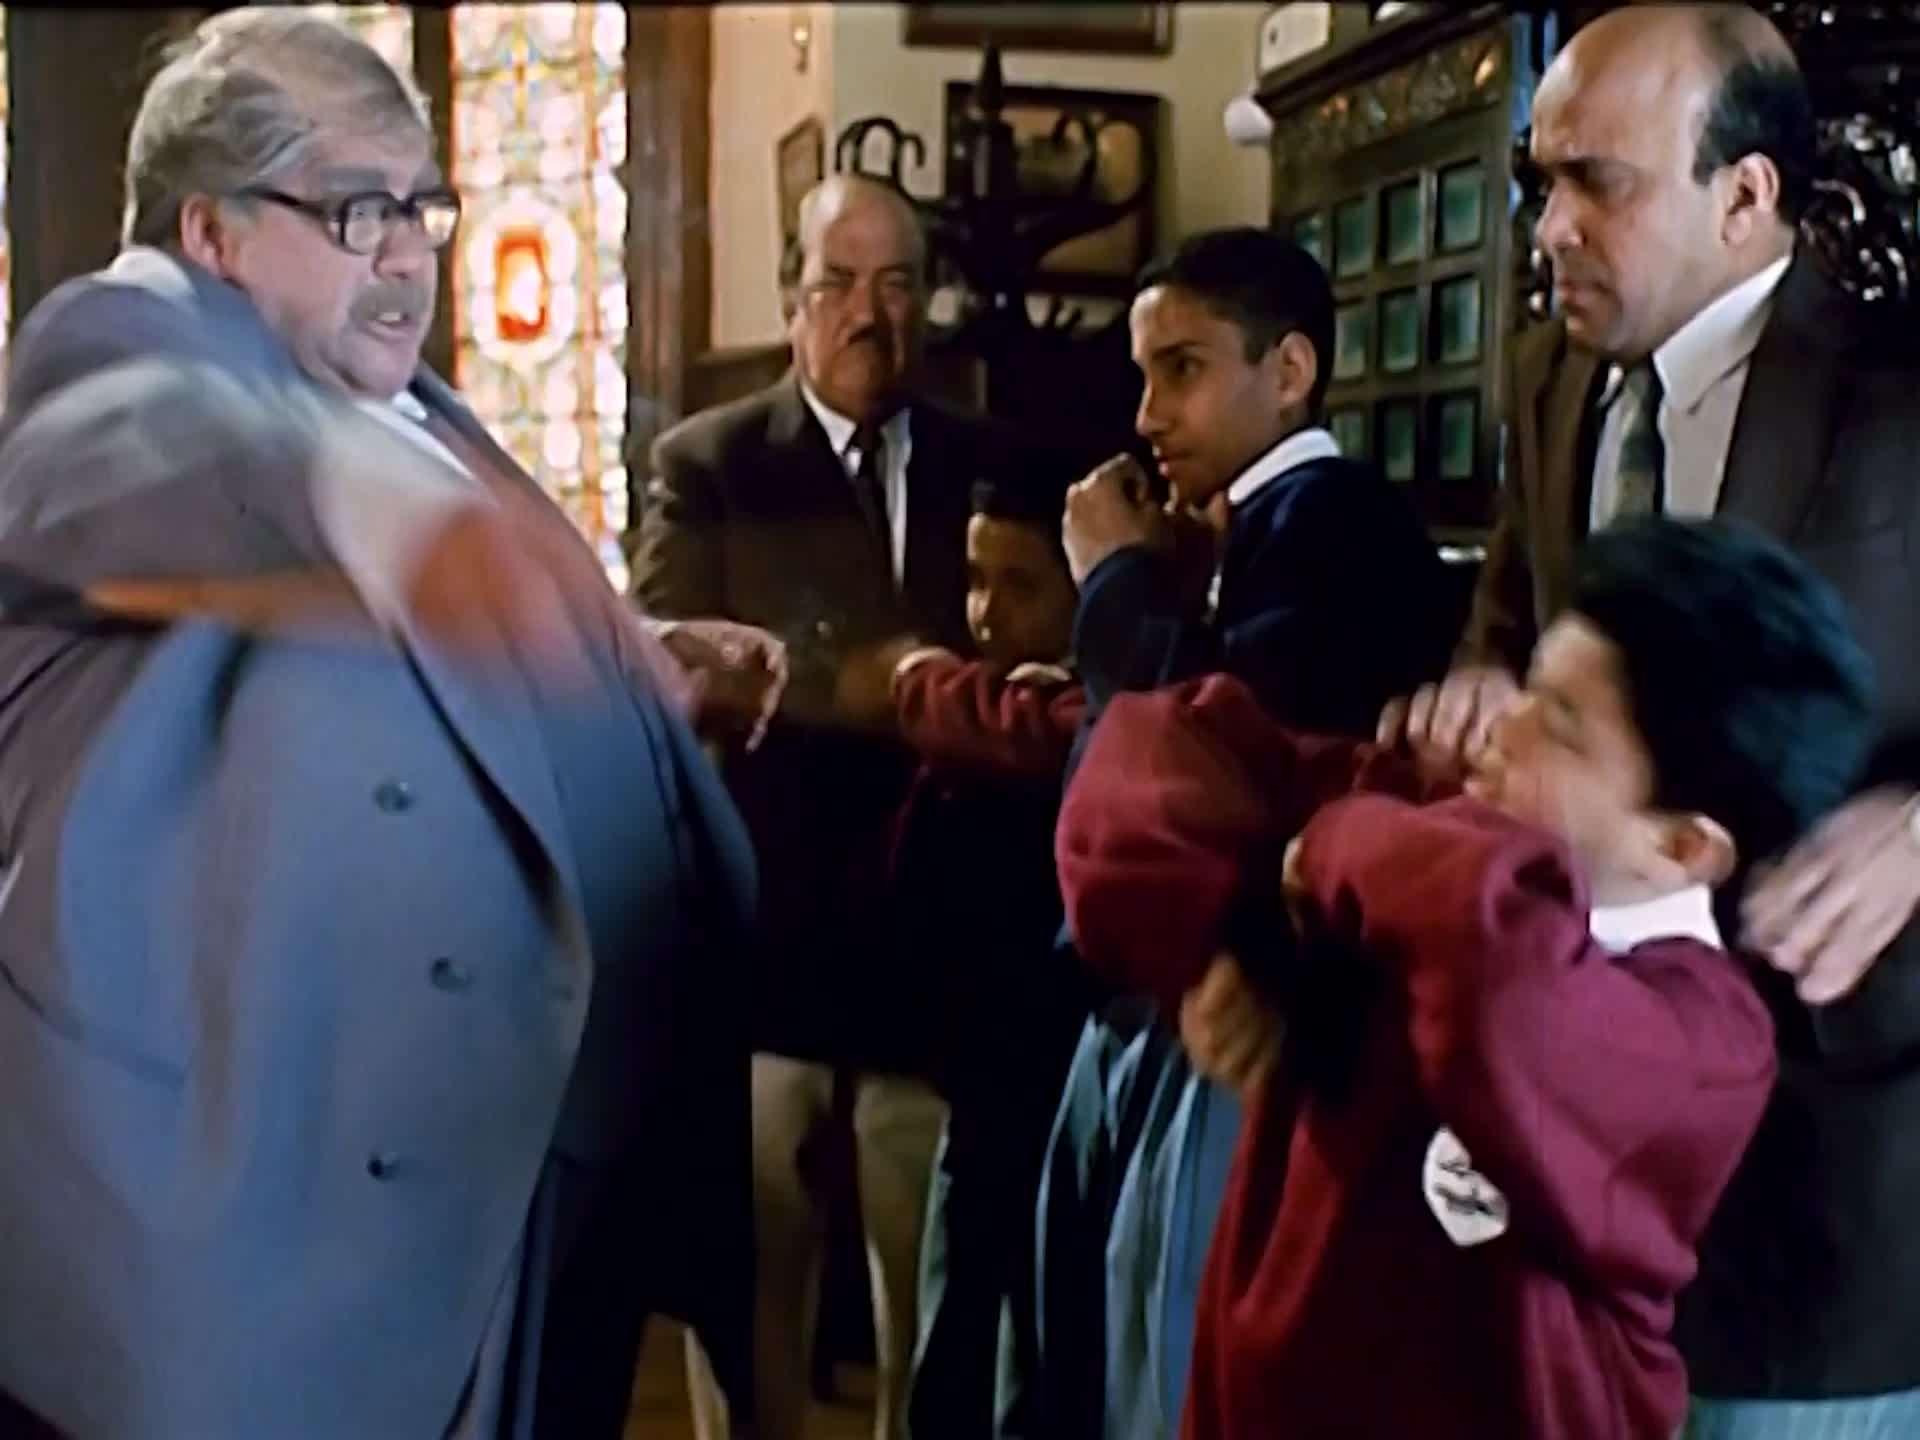 [فيلم][تورنت][تحميل][الناظر][2000][1080p][Web-DL] 4 arabp2p.com